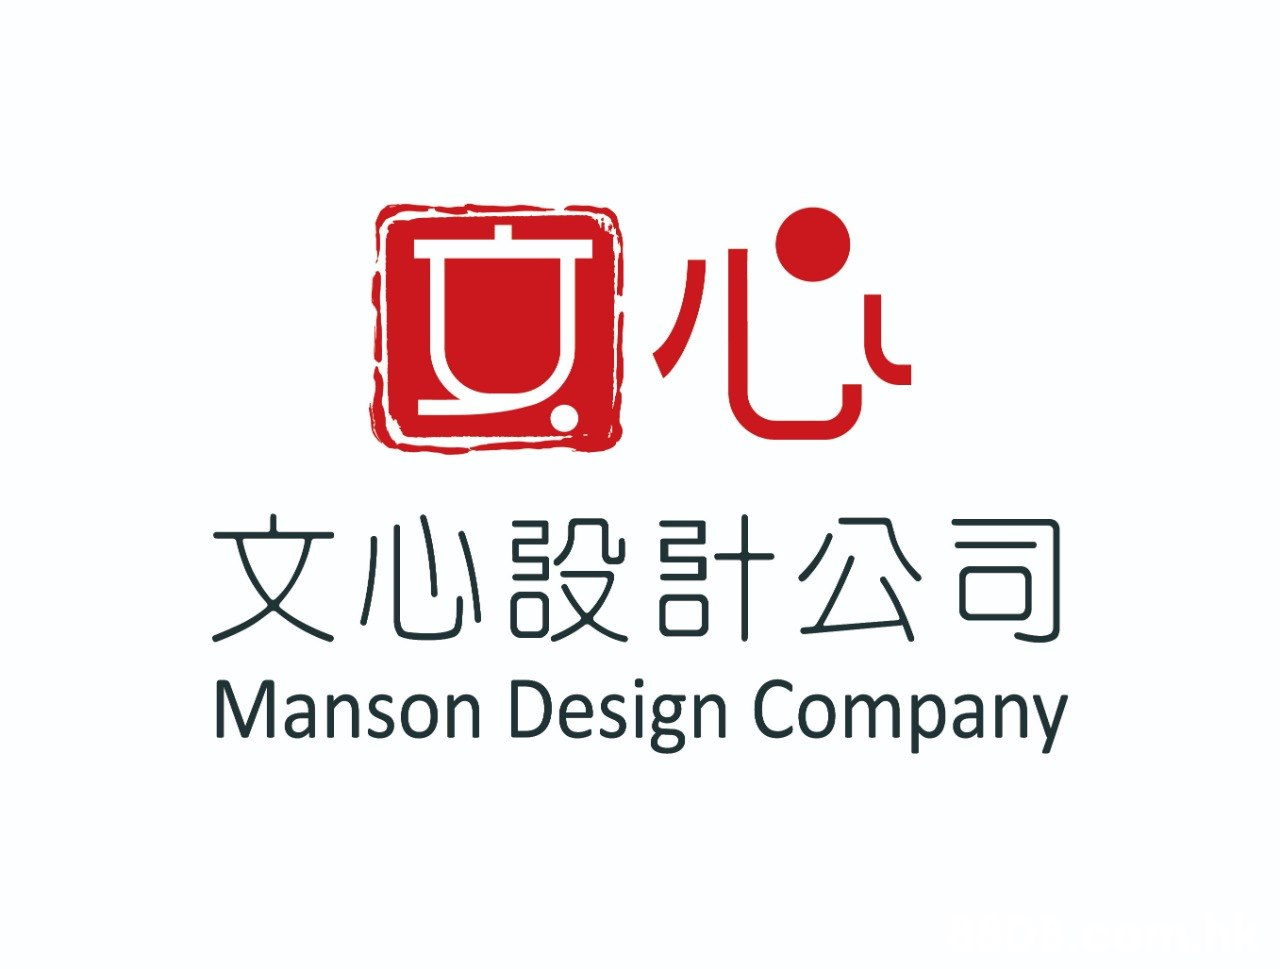 文心設計公司 Manson Design Company  Text,Logo,Font,Line,Brand